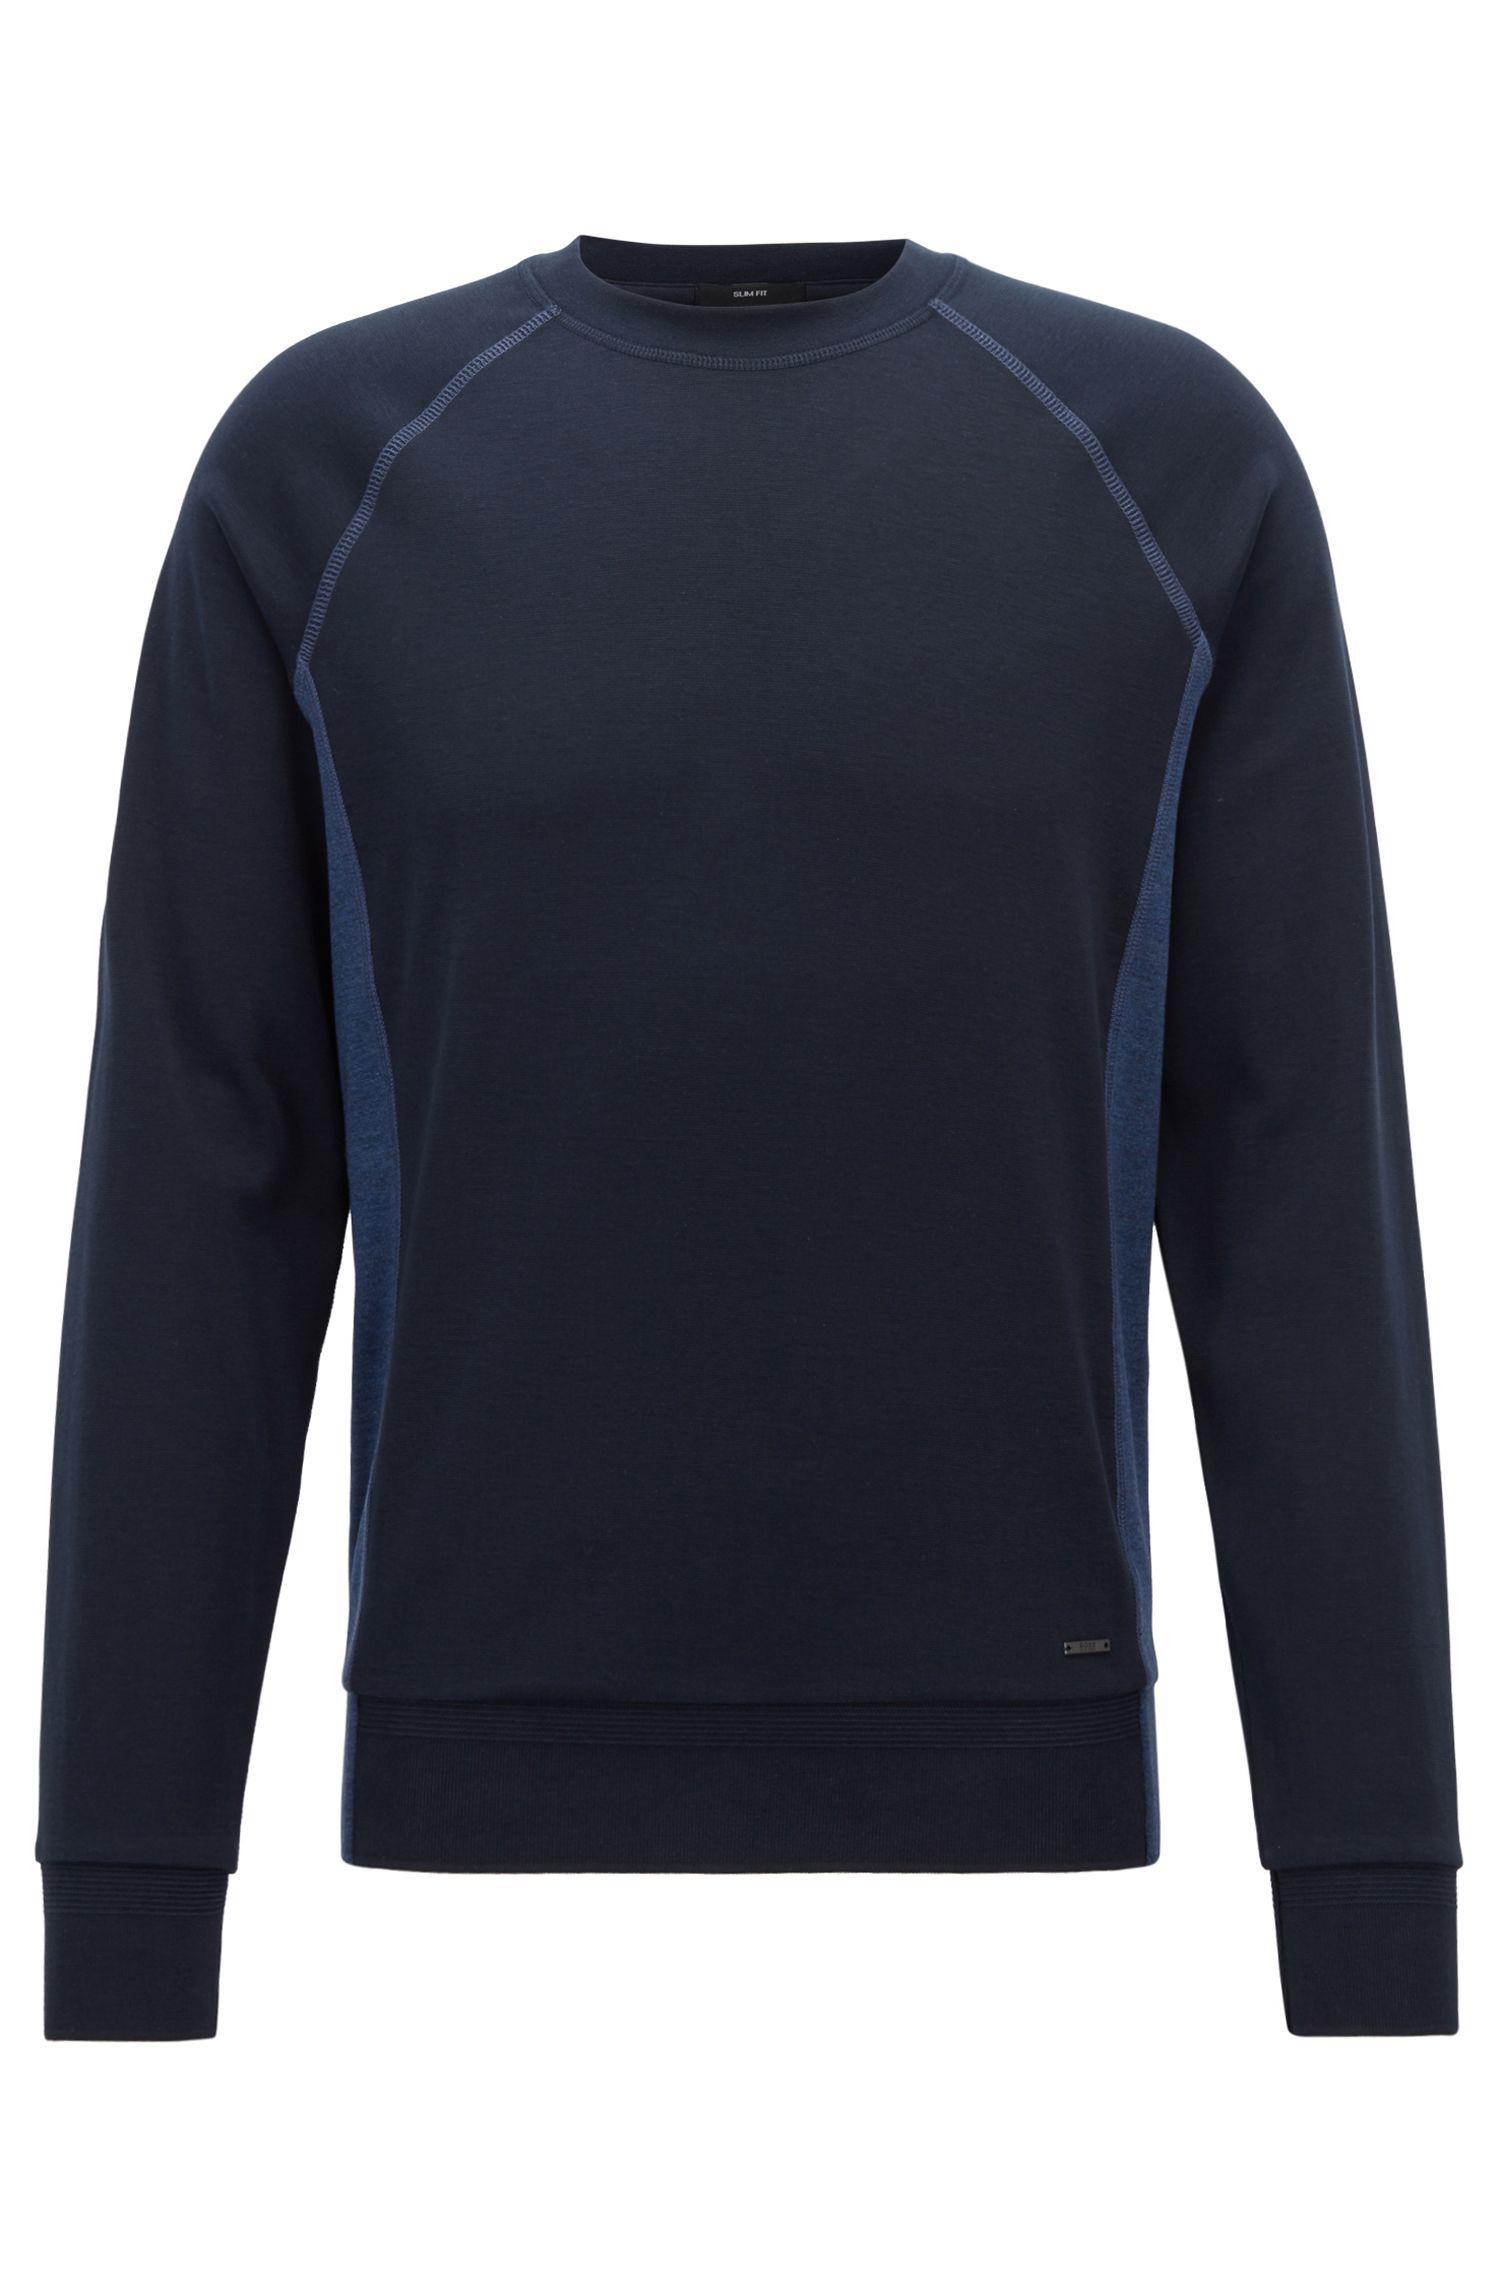 Sweat Slim Fit en coton structuré orné de détails color block, Bleu foncé